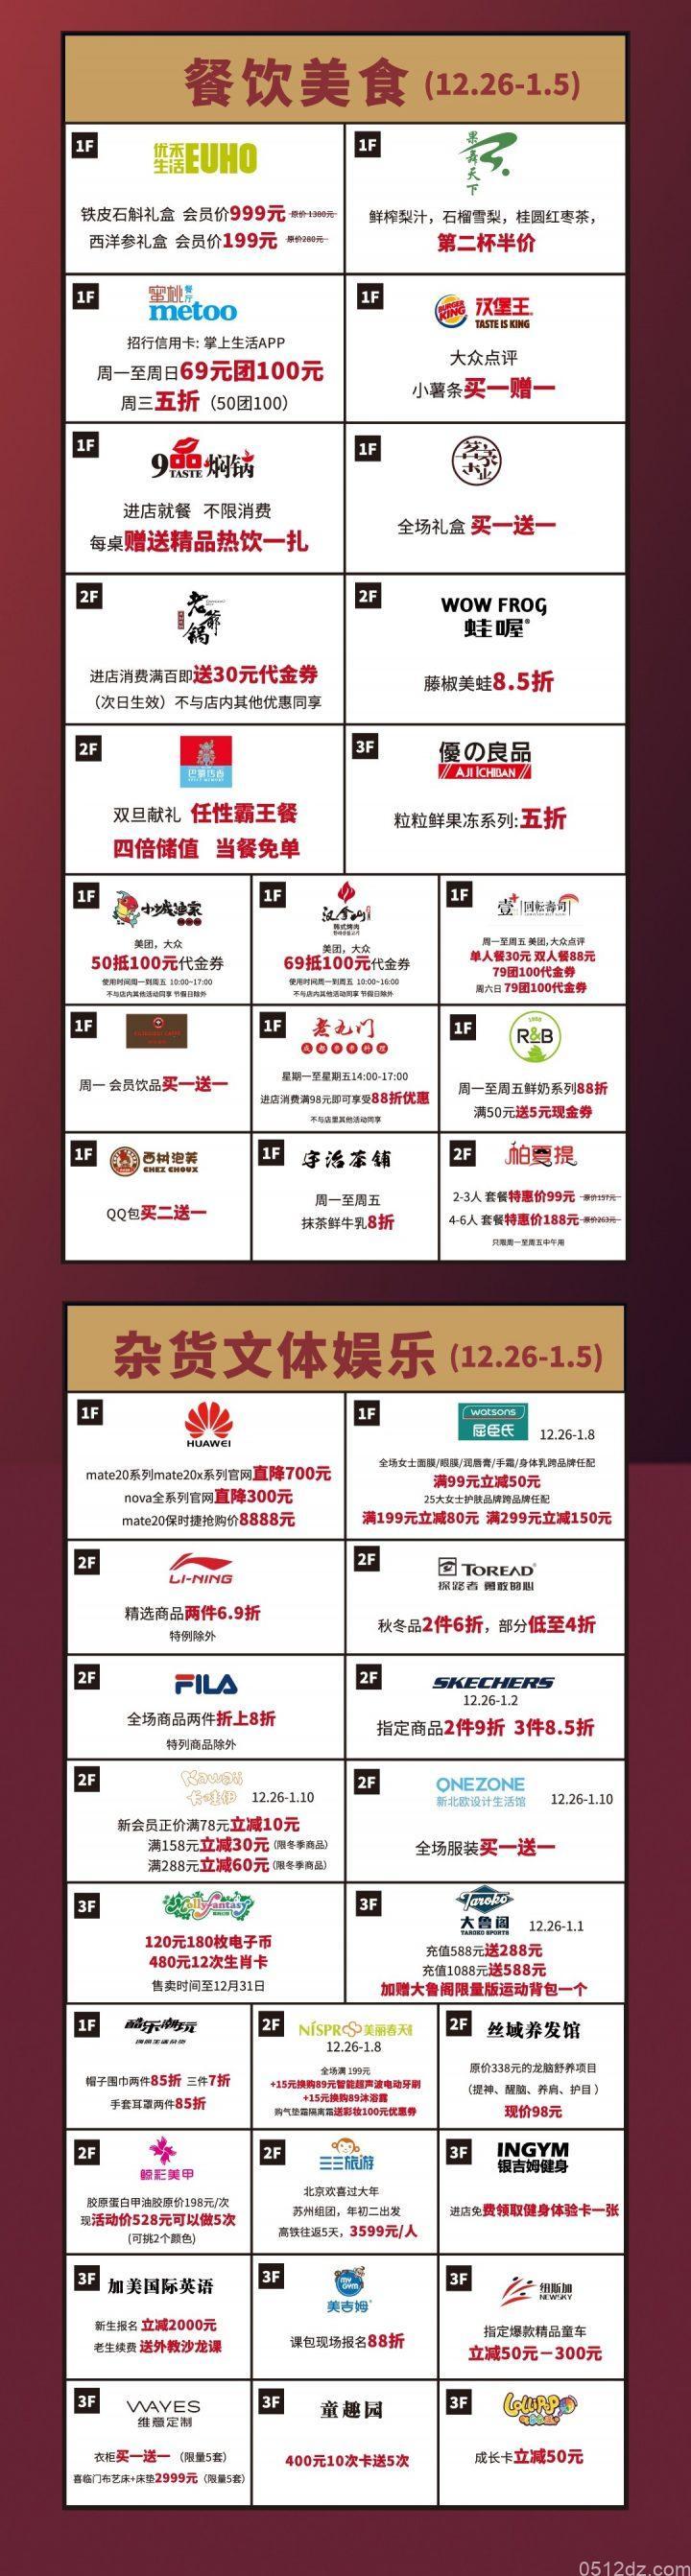 永旺梦乐城苏州吴中店跨年元旦活动攻略